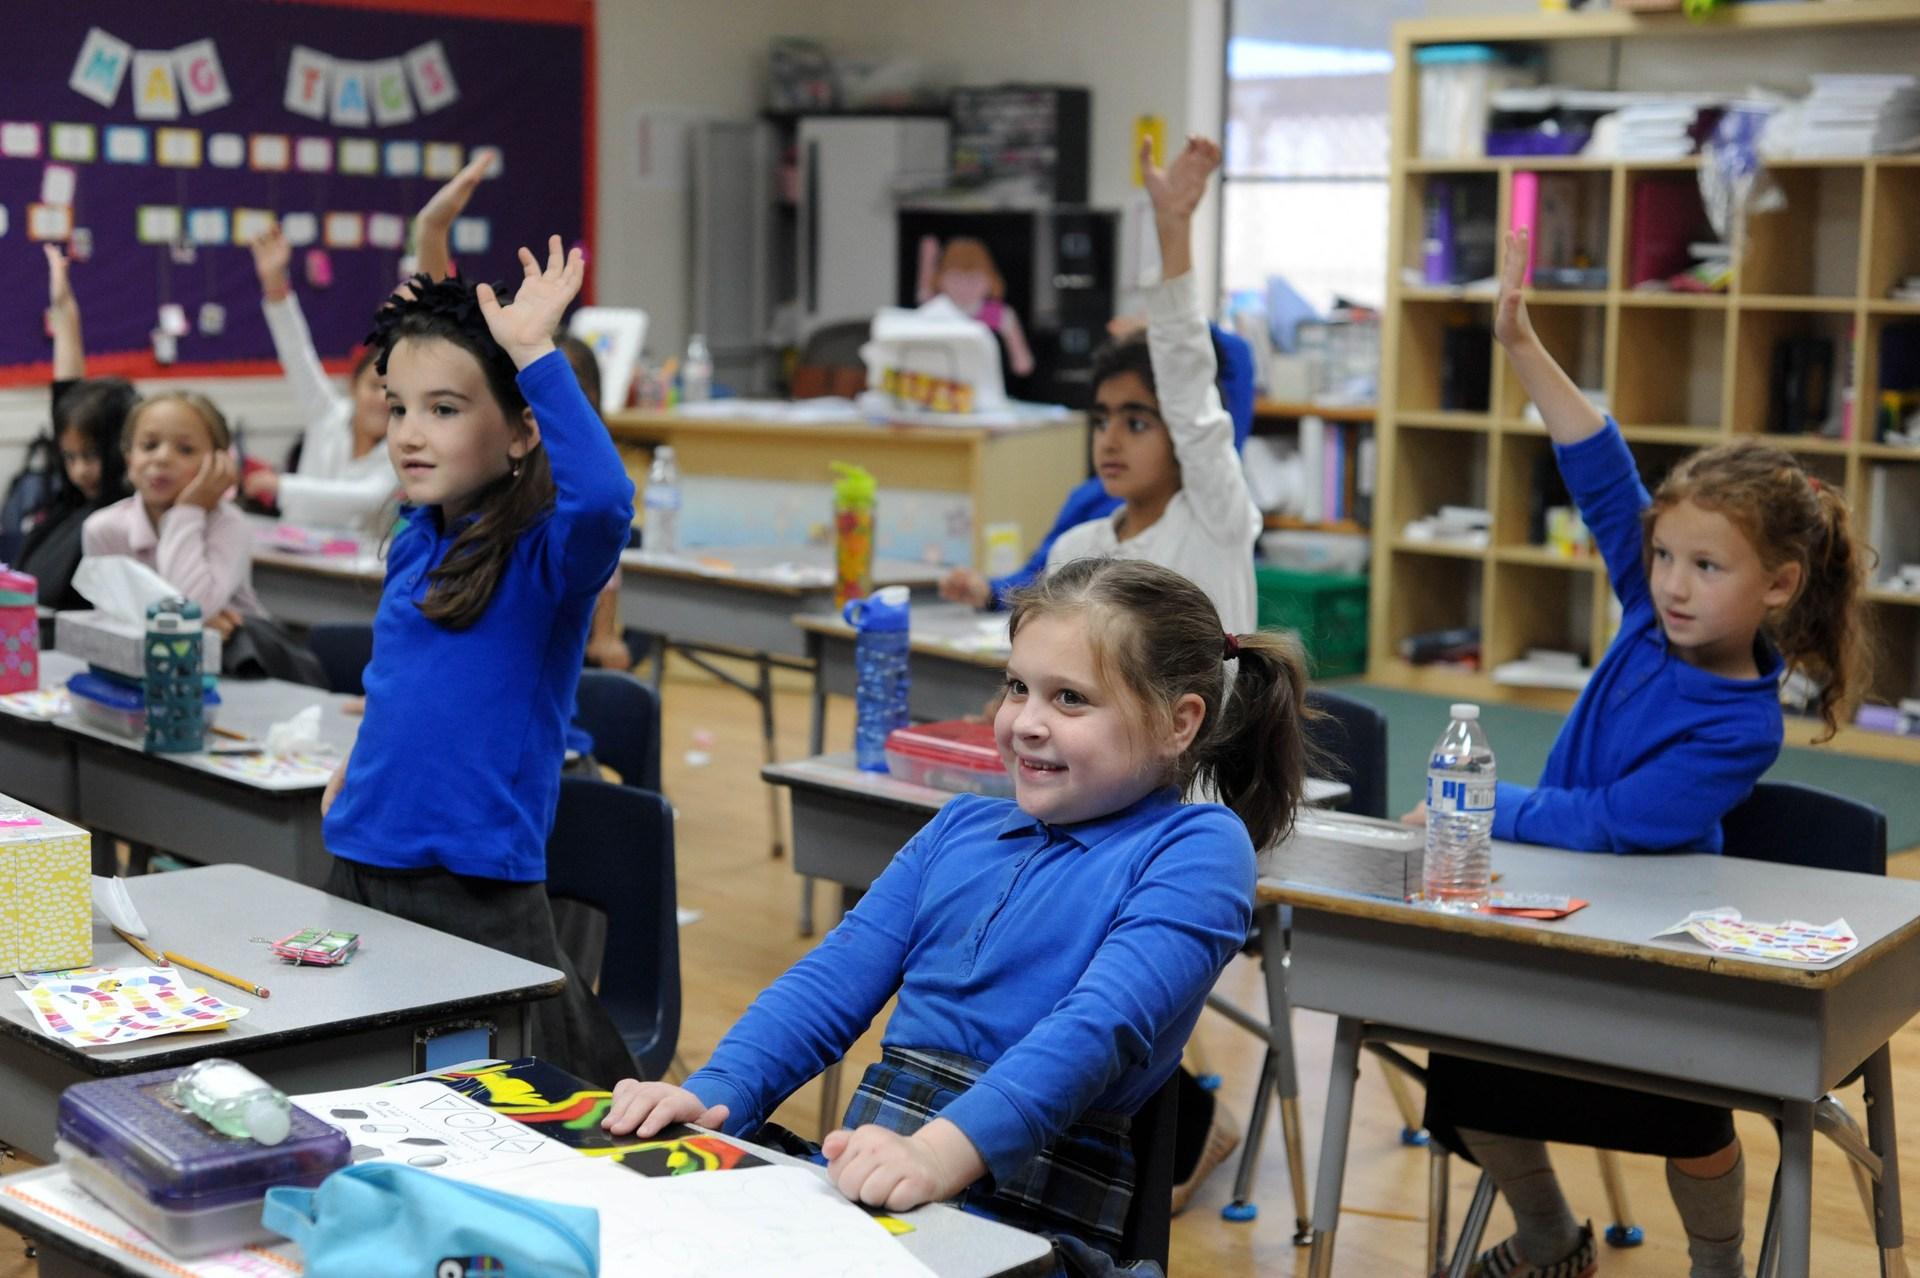 girls raising their hands in class